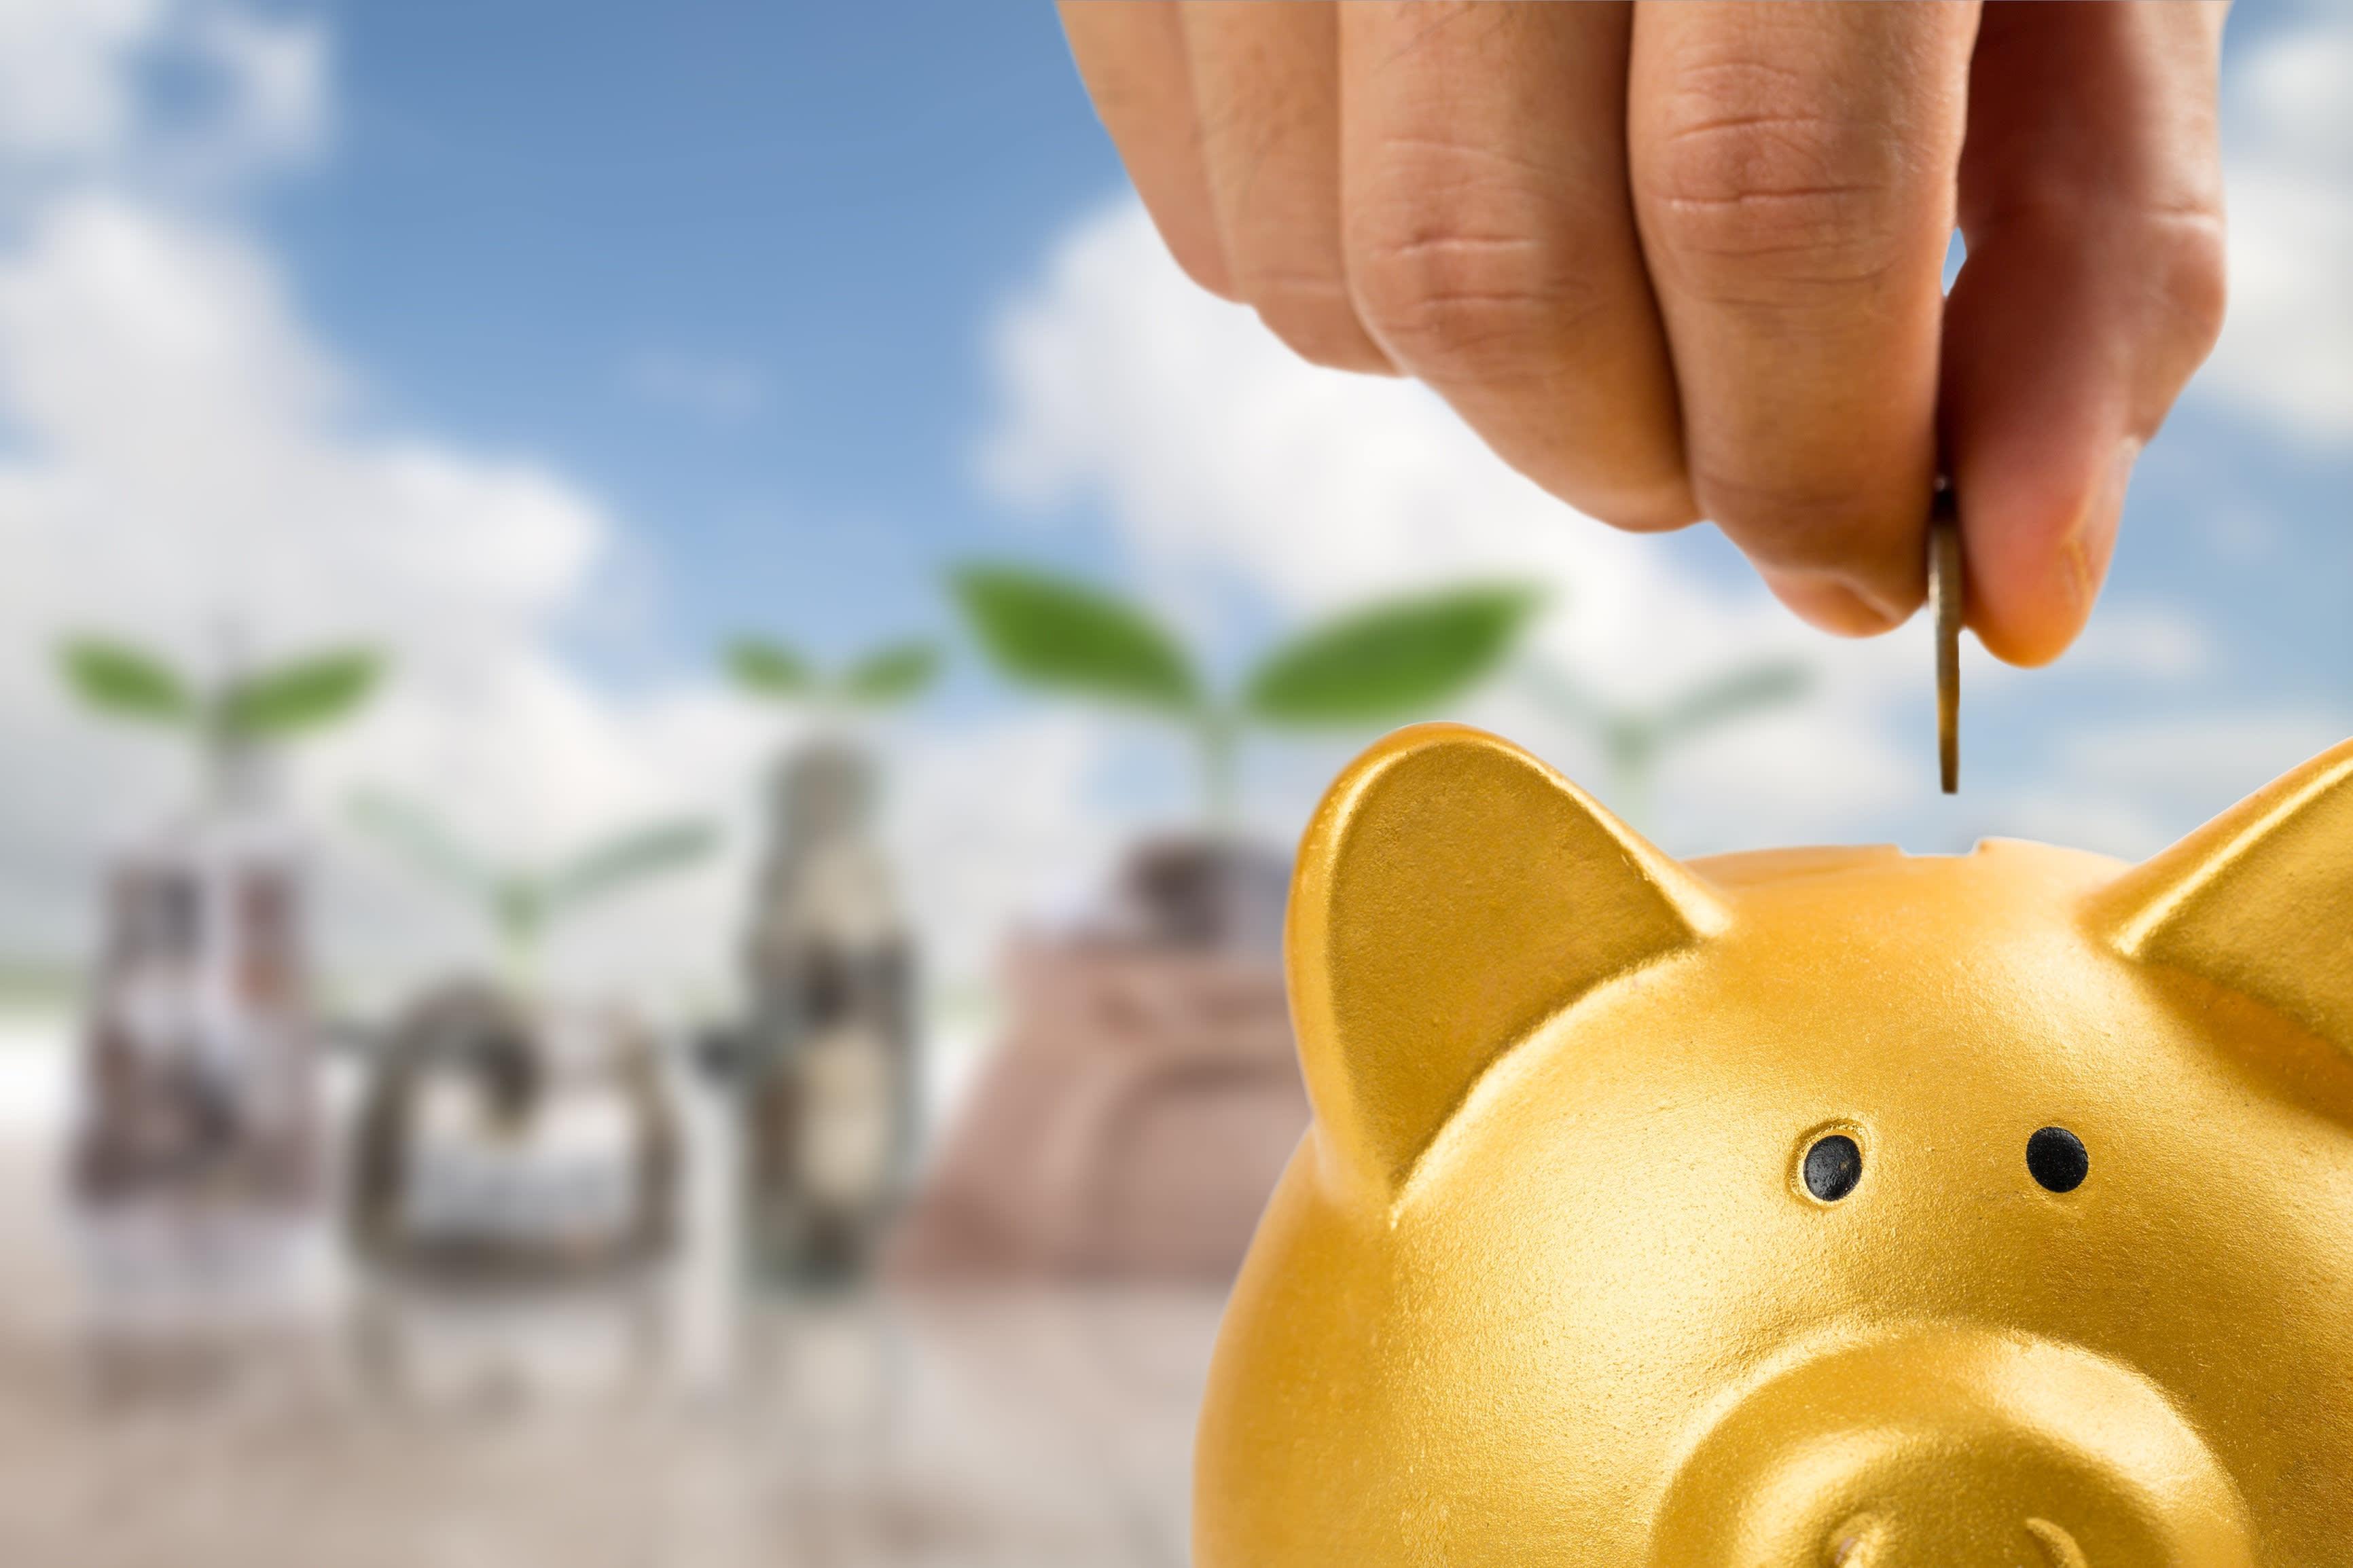 AE rates hike has minimal impact on savers